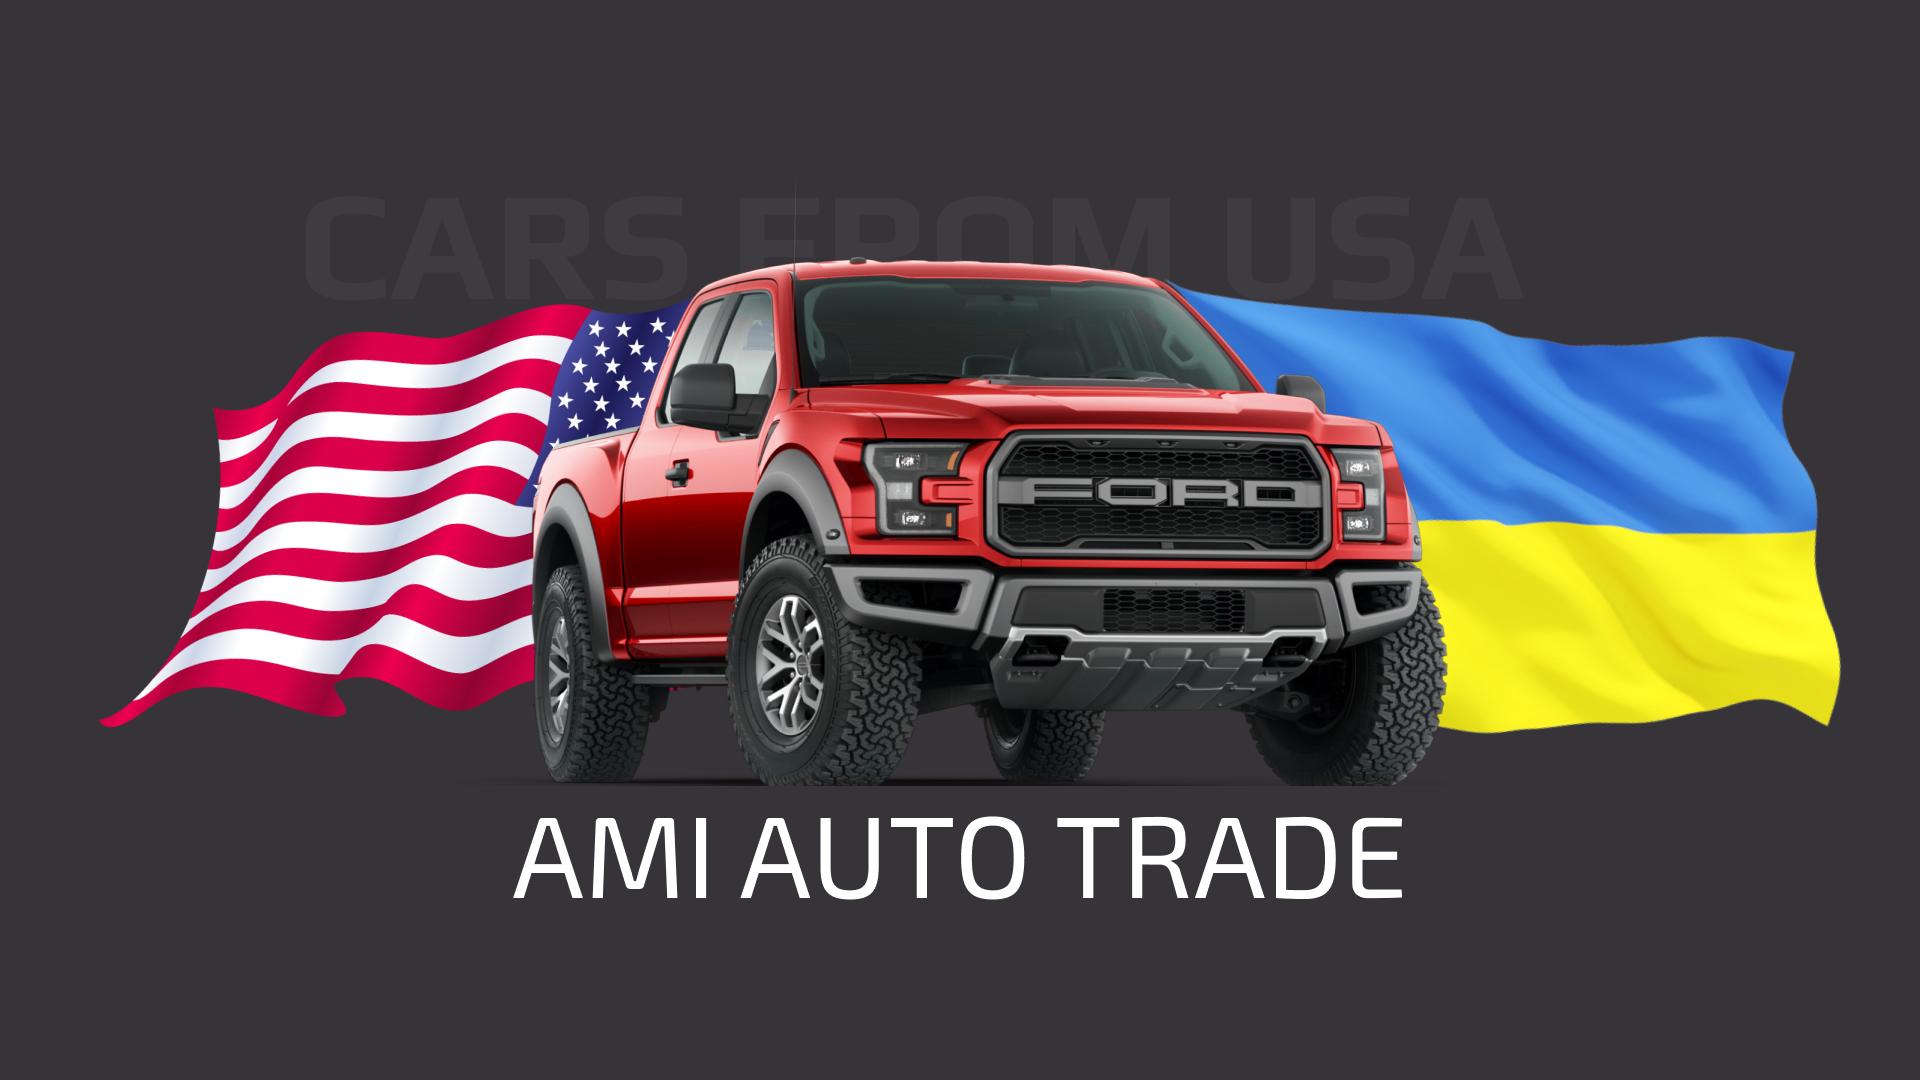 Сайт для компании Ami Auto Trade с привязкой к аукциону Copart